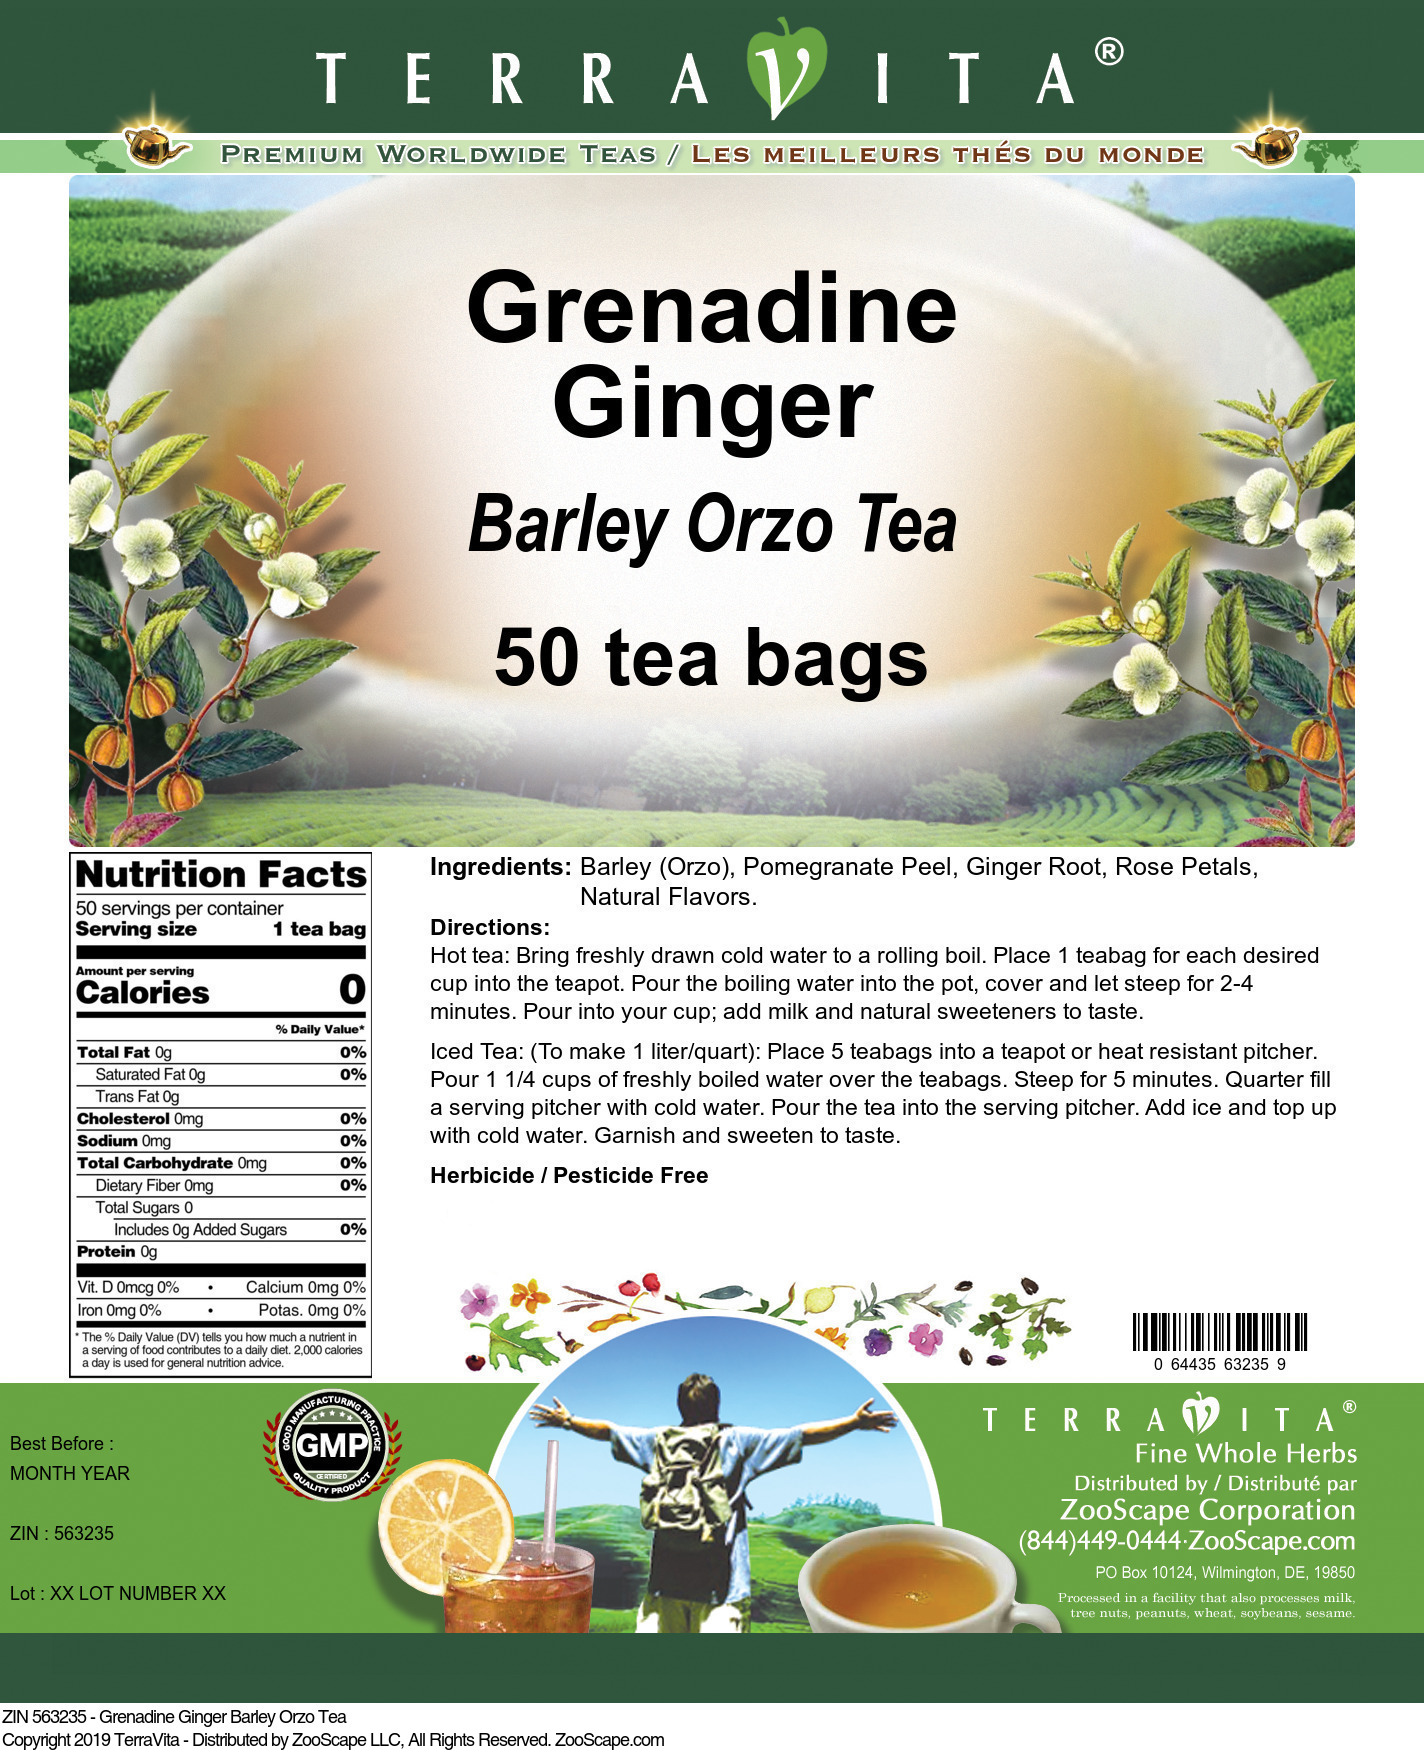 Grenadine Ginger Barley Orzo